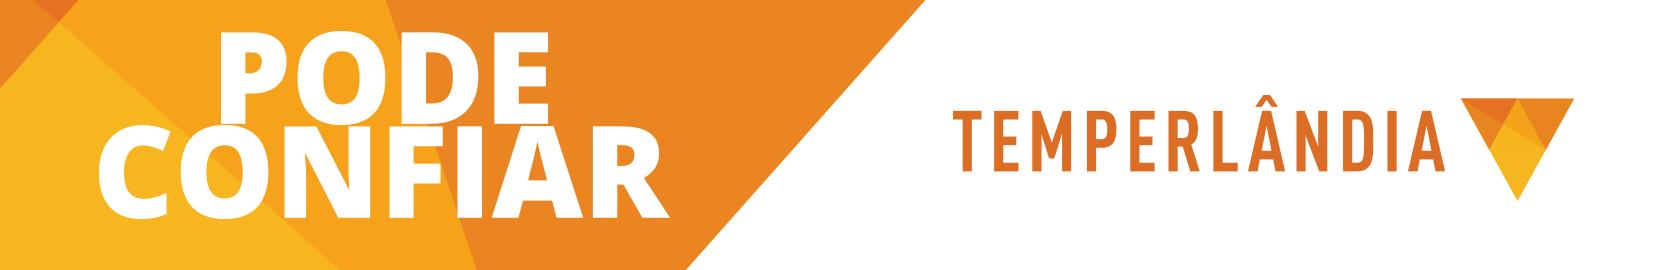 Temperlândia